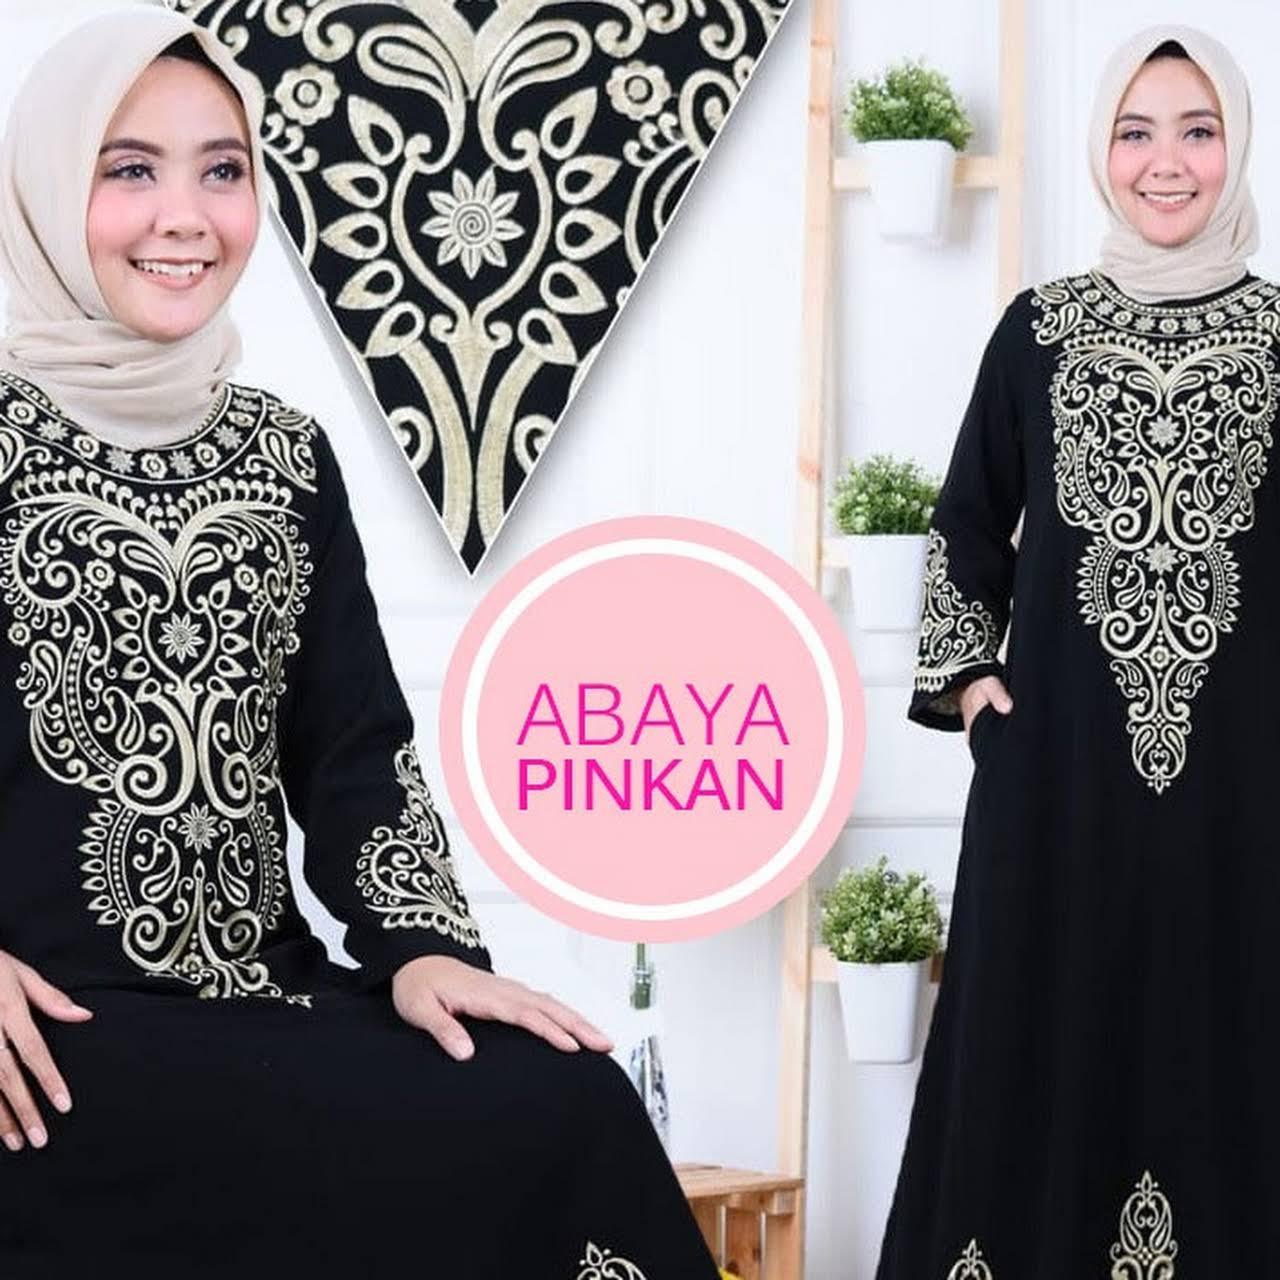 Hijrahmarket Jual Baju Gamis Syar I Online Murah Grosir Muslim